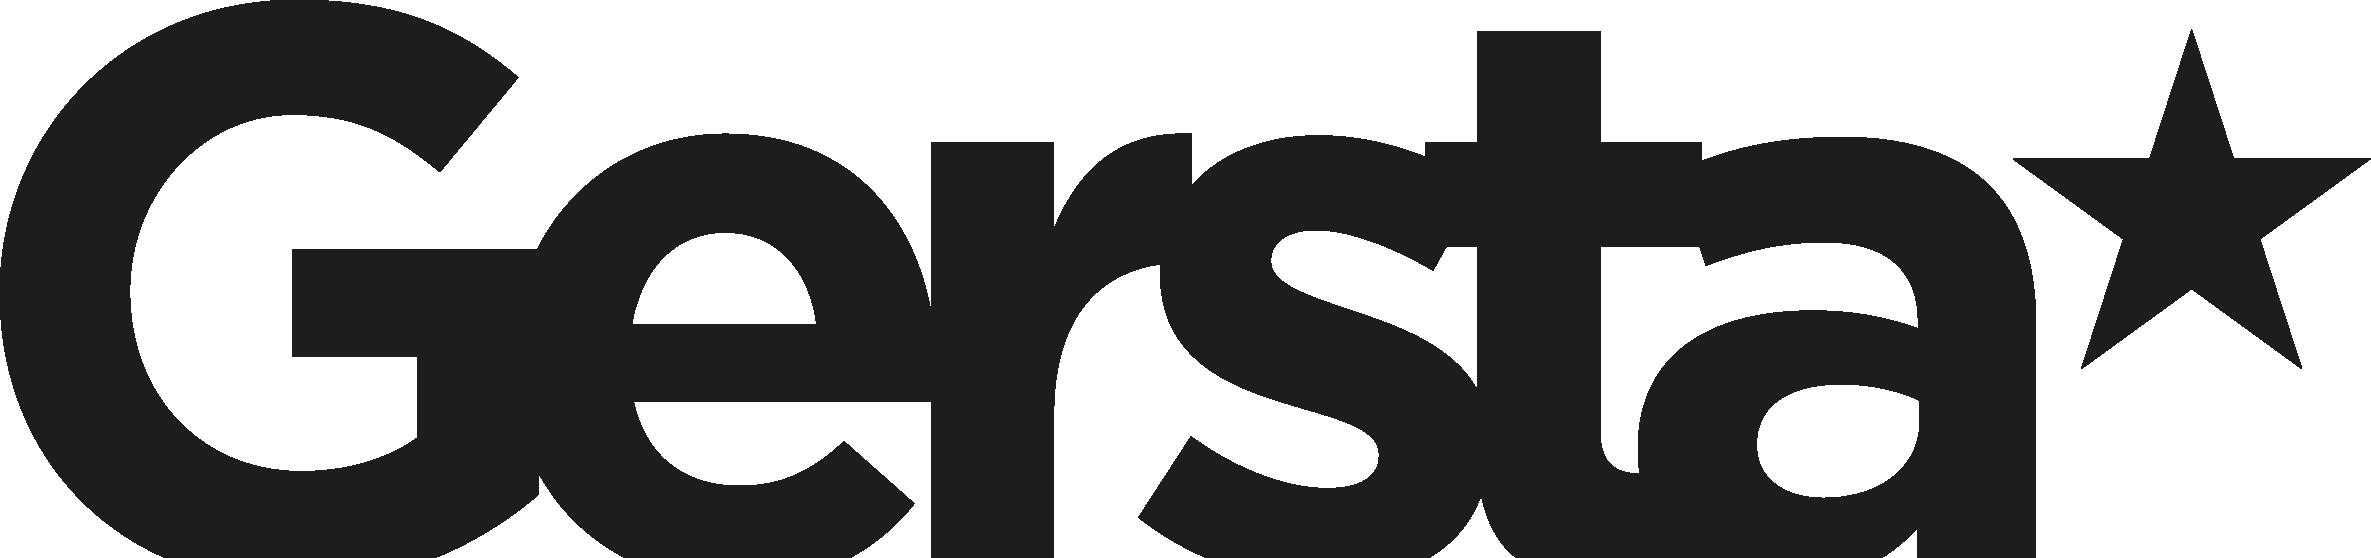 gersta_logo schwarz